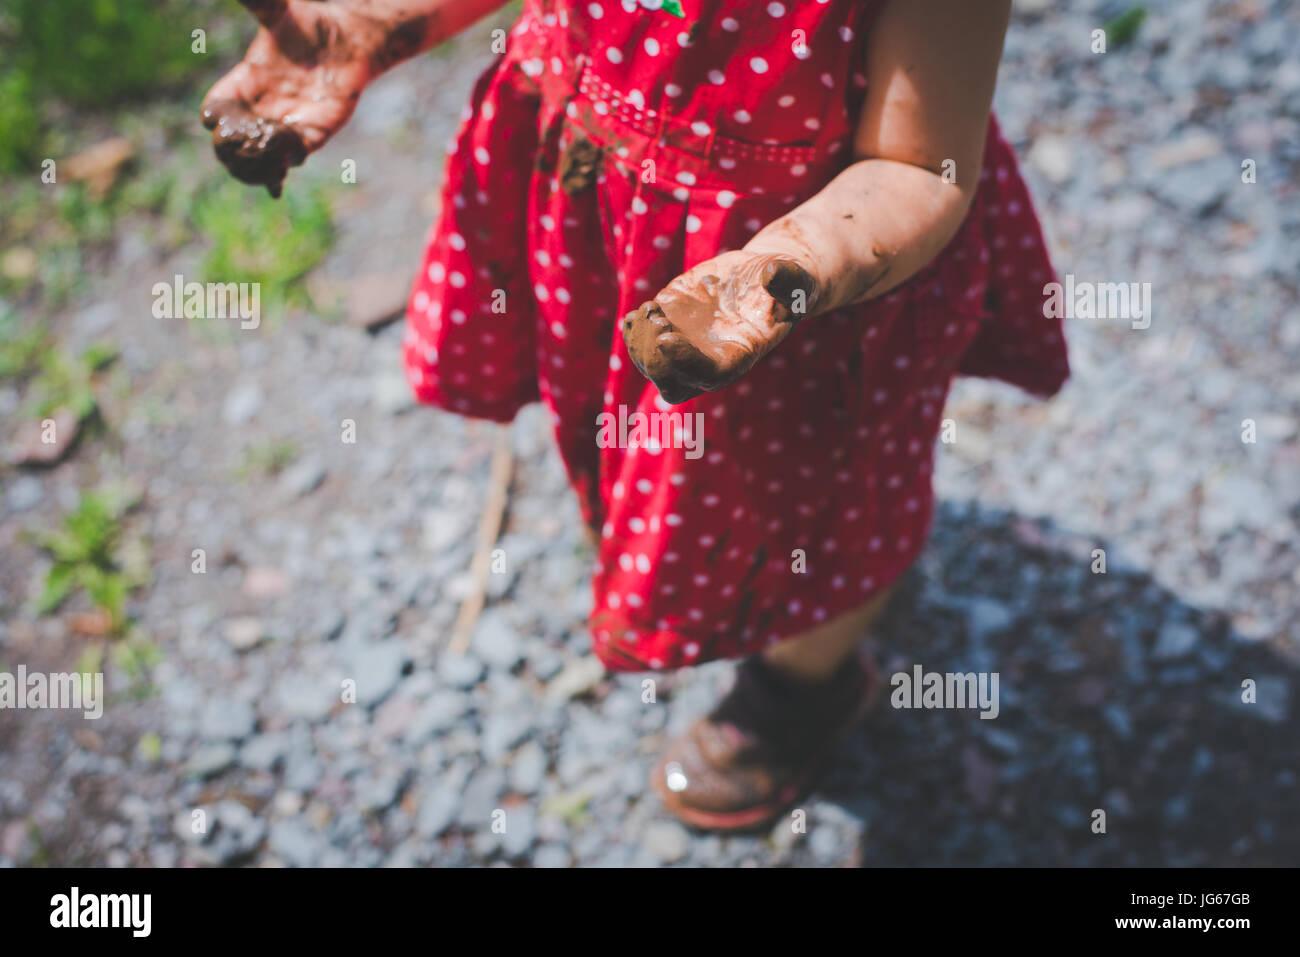 Die Hände des Kindes werden in Schlamm bedeckt Stockbild